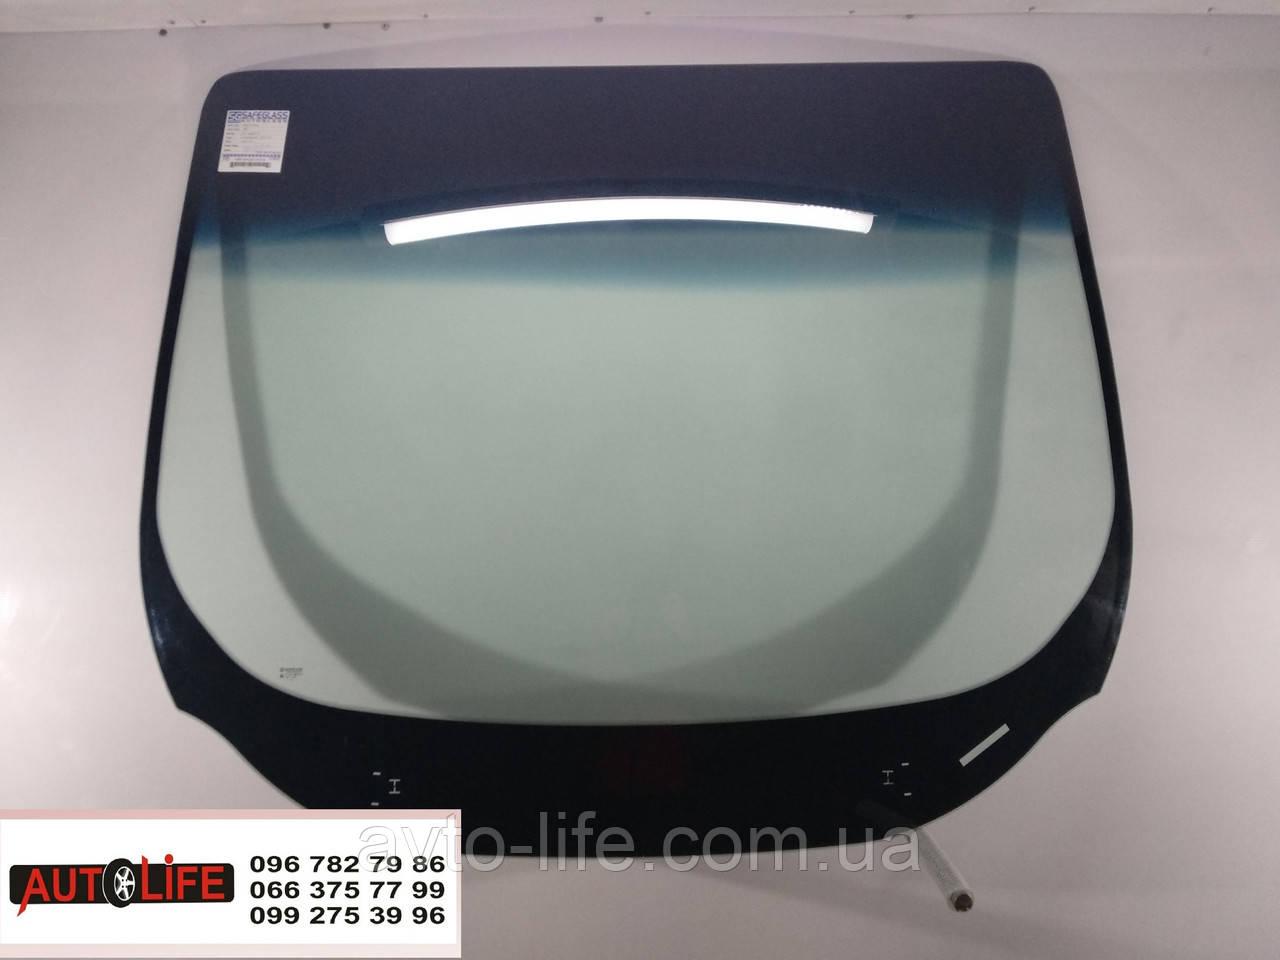 Лобовое стекло Ford Kuga (2008-2012) | Лобове скло Форд Куга | Автостеко Форд Куга